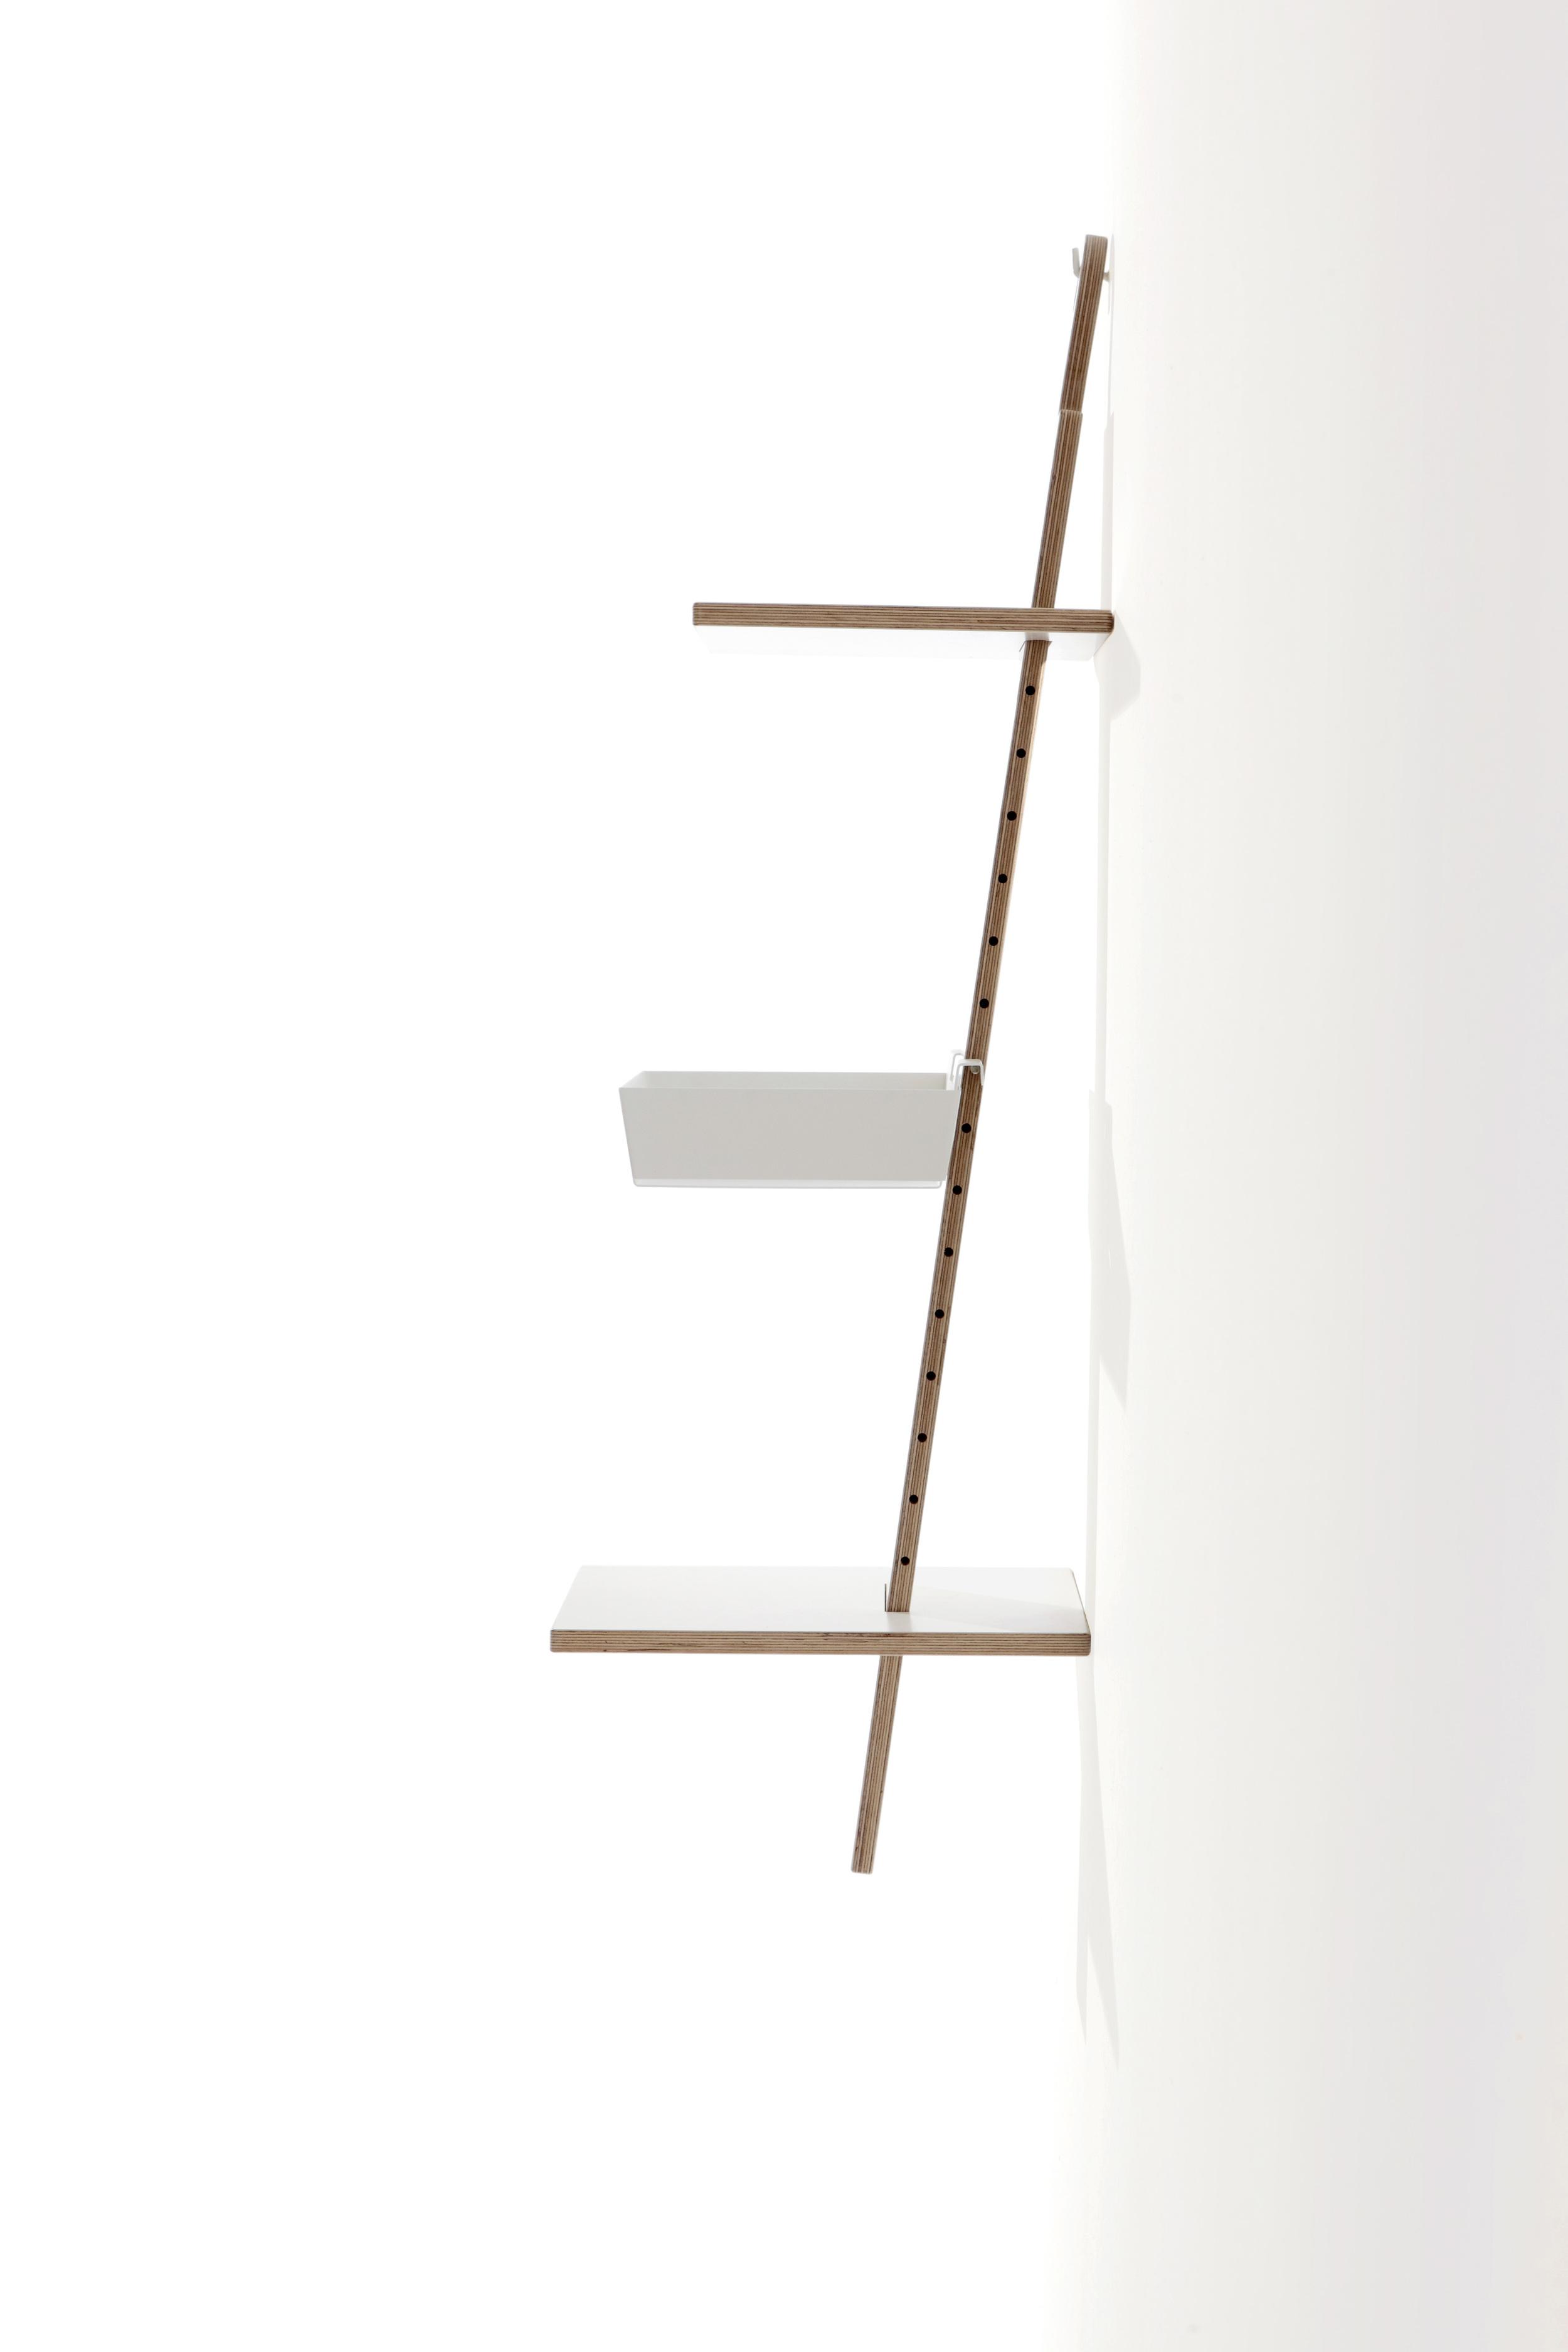 Studio-MoritzPutzier_Mueller_HangUp wall shelf-02.jpg